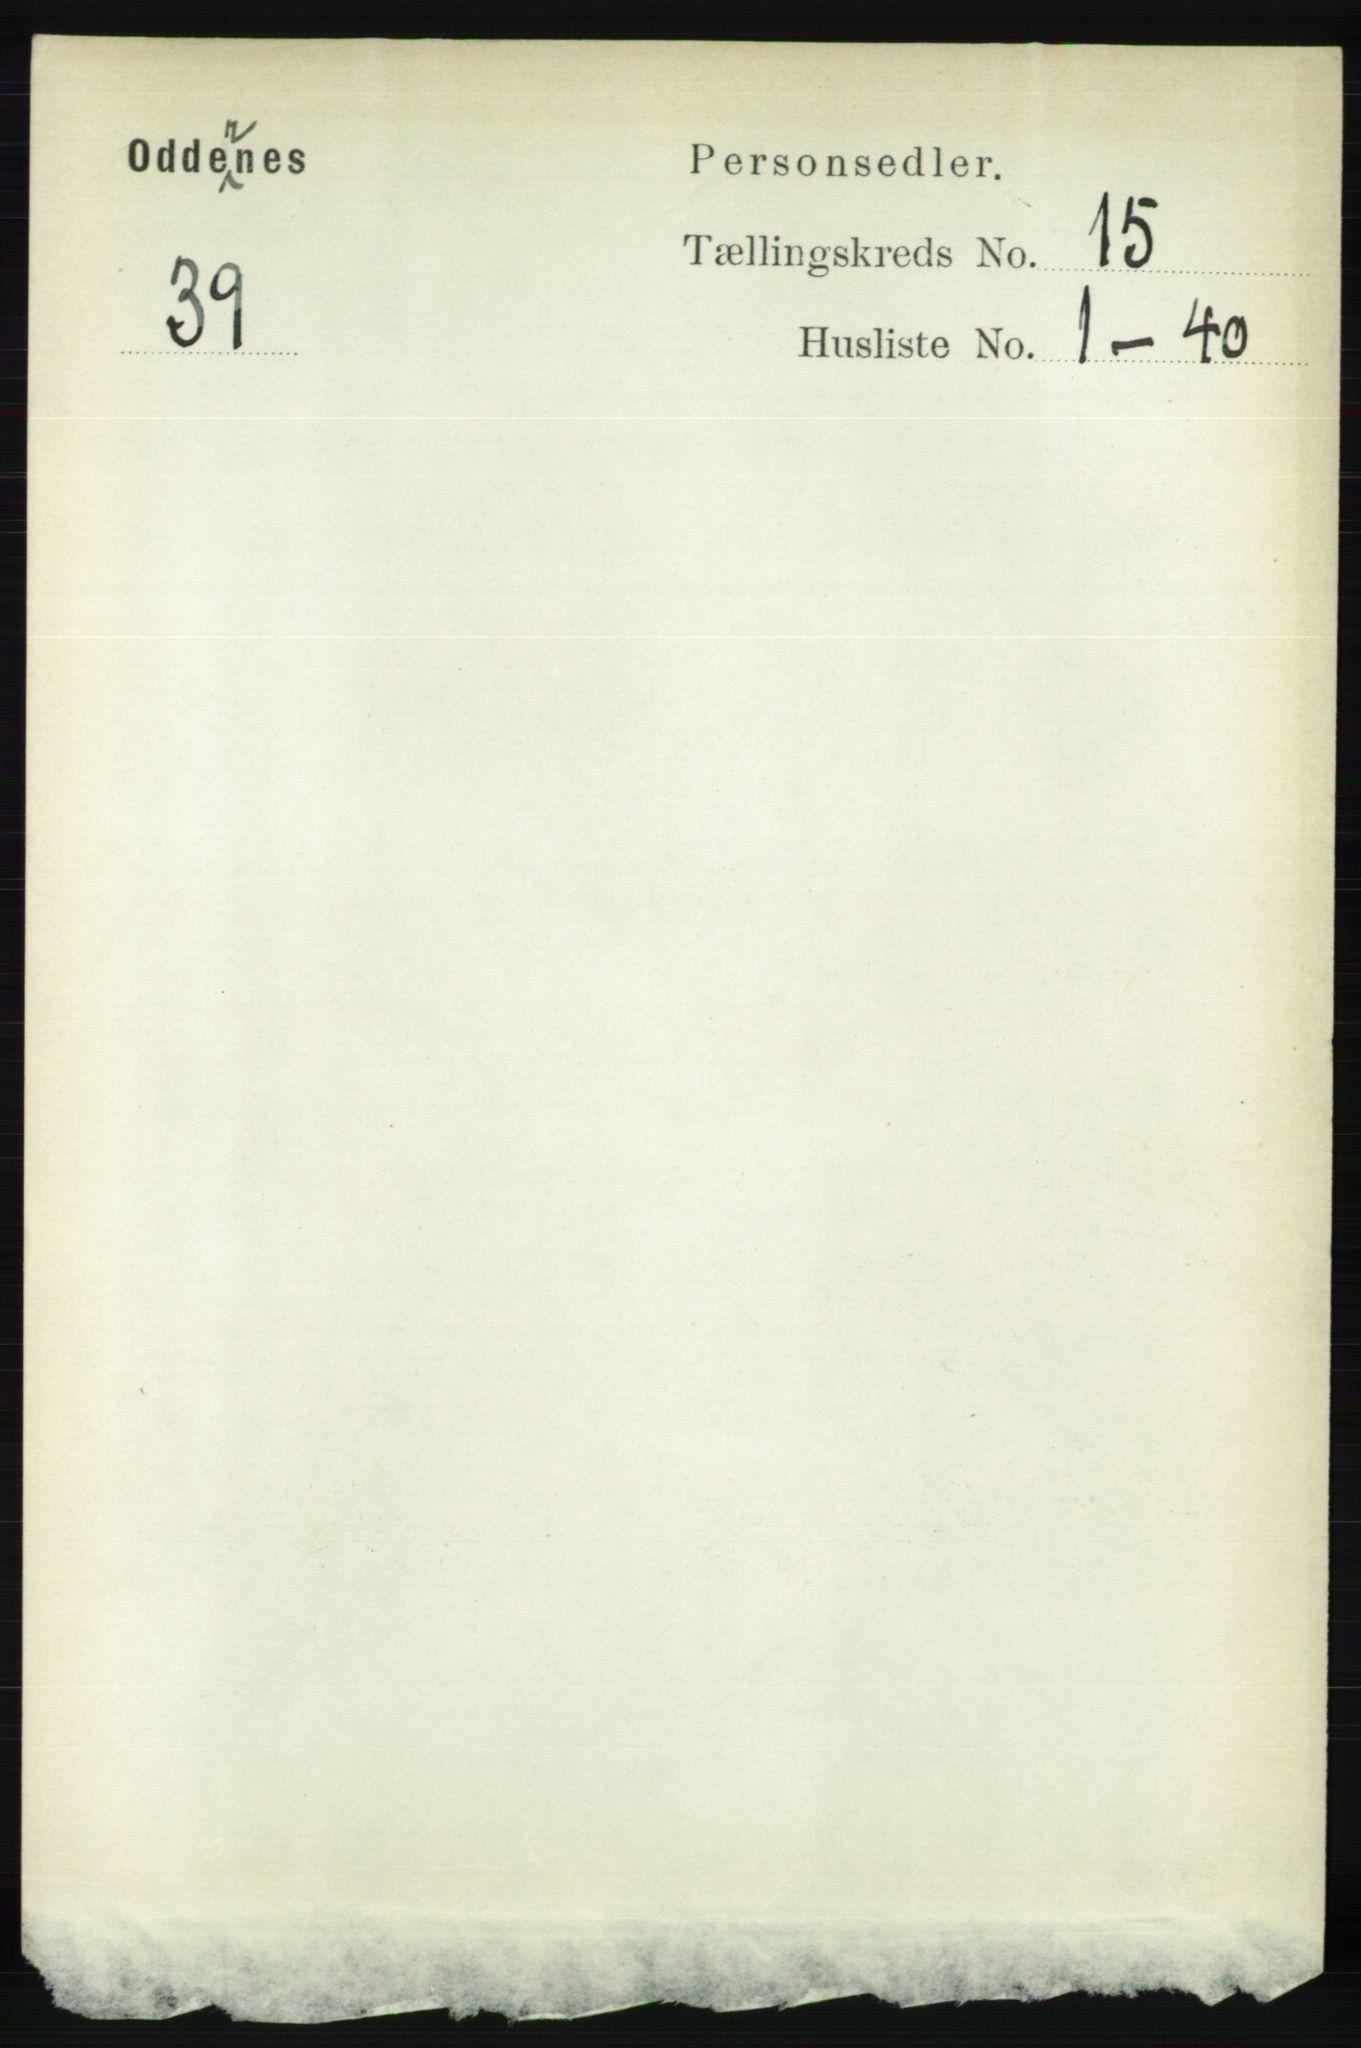 RA, Folketelling 1891 for 1012 Oddernes herred, 1891, s. 5052